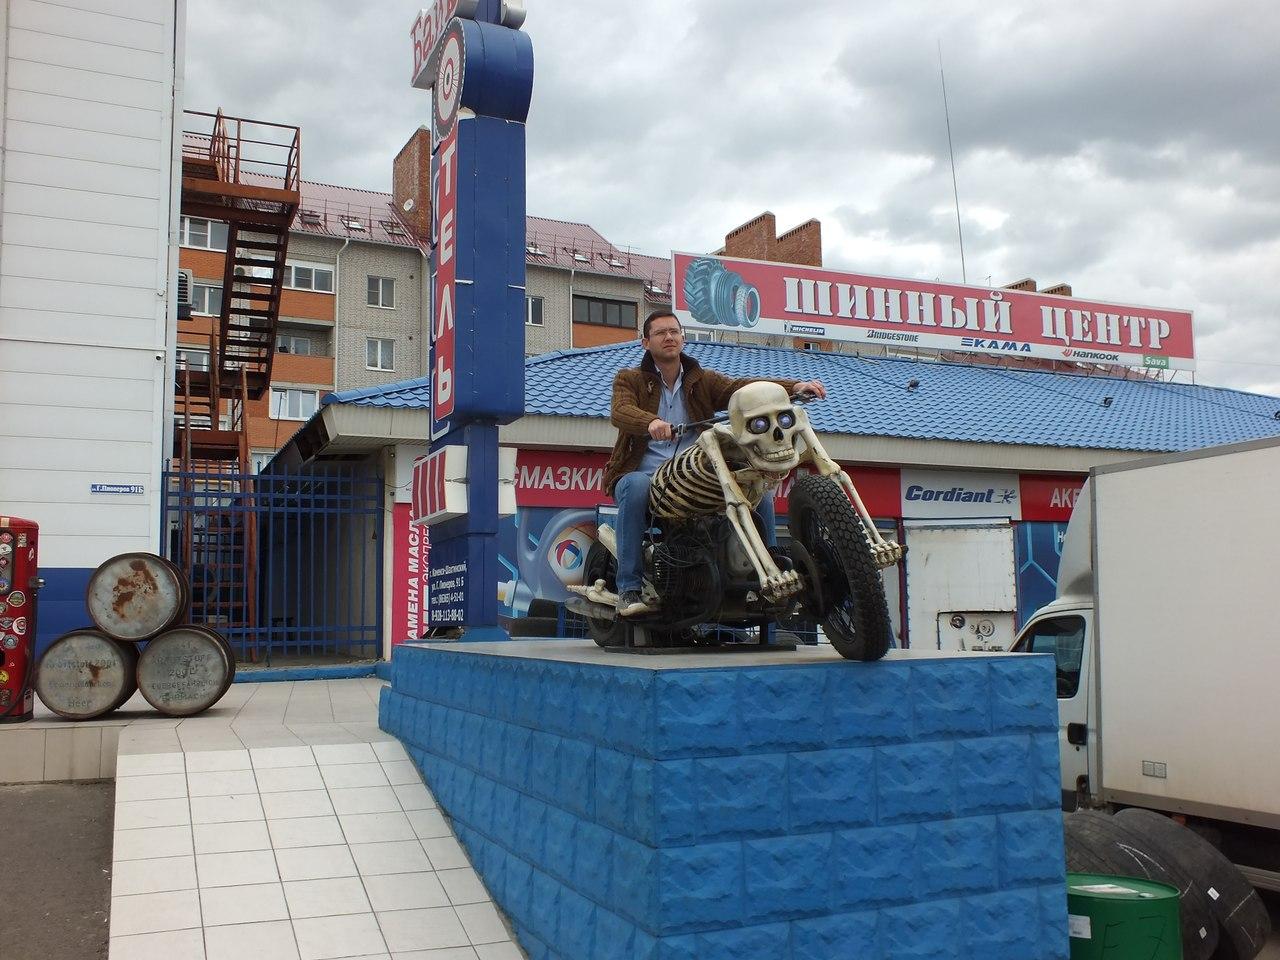 Дмитрий Лубенец, Ростов-на-Дону - фото №2